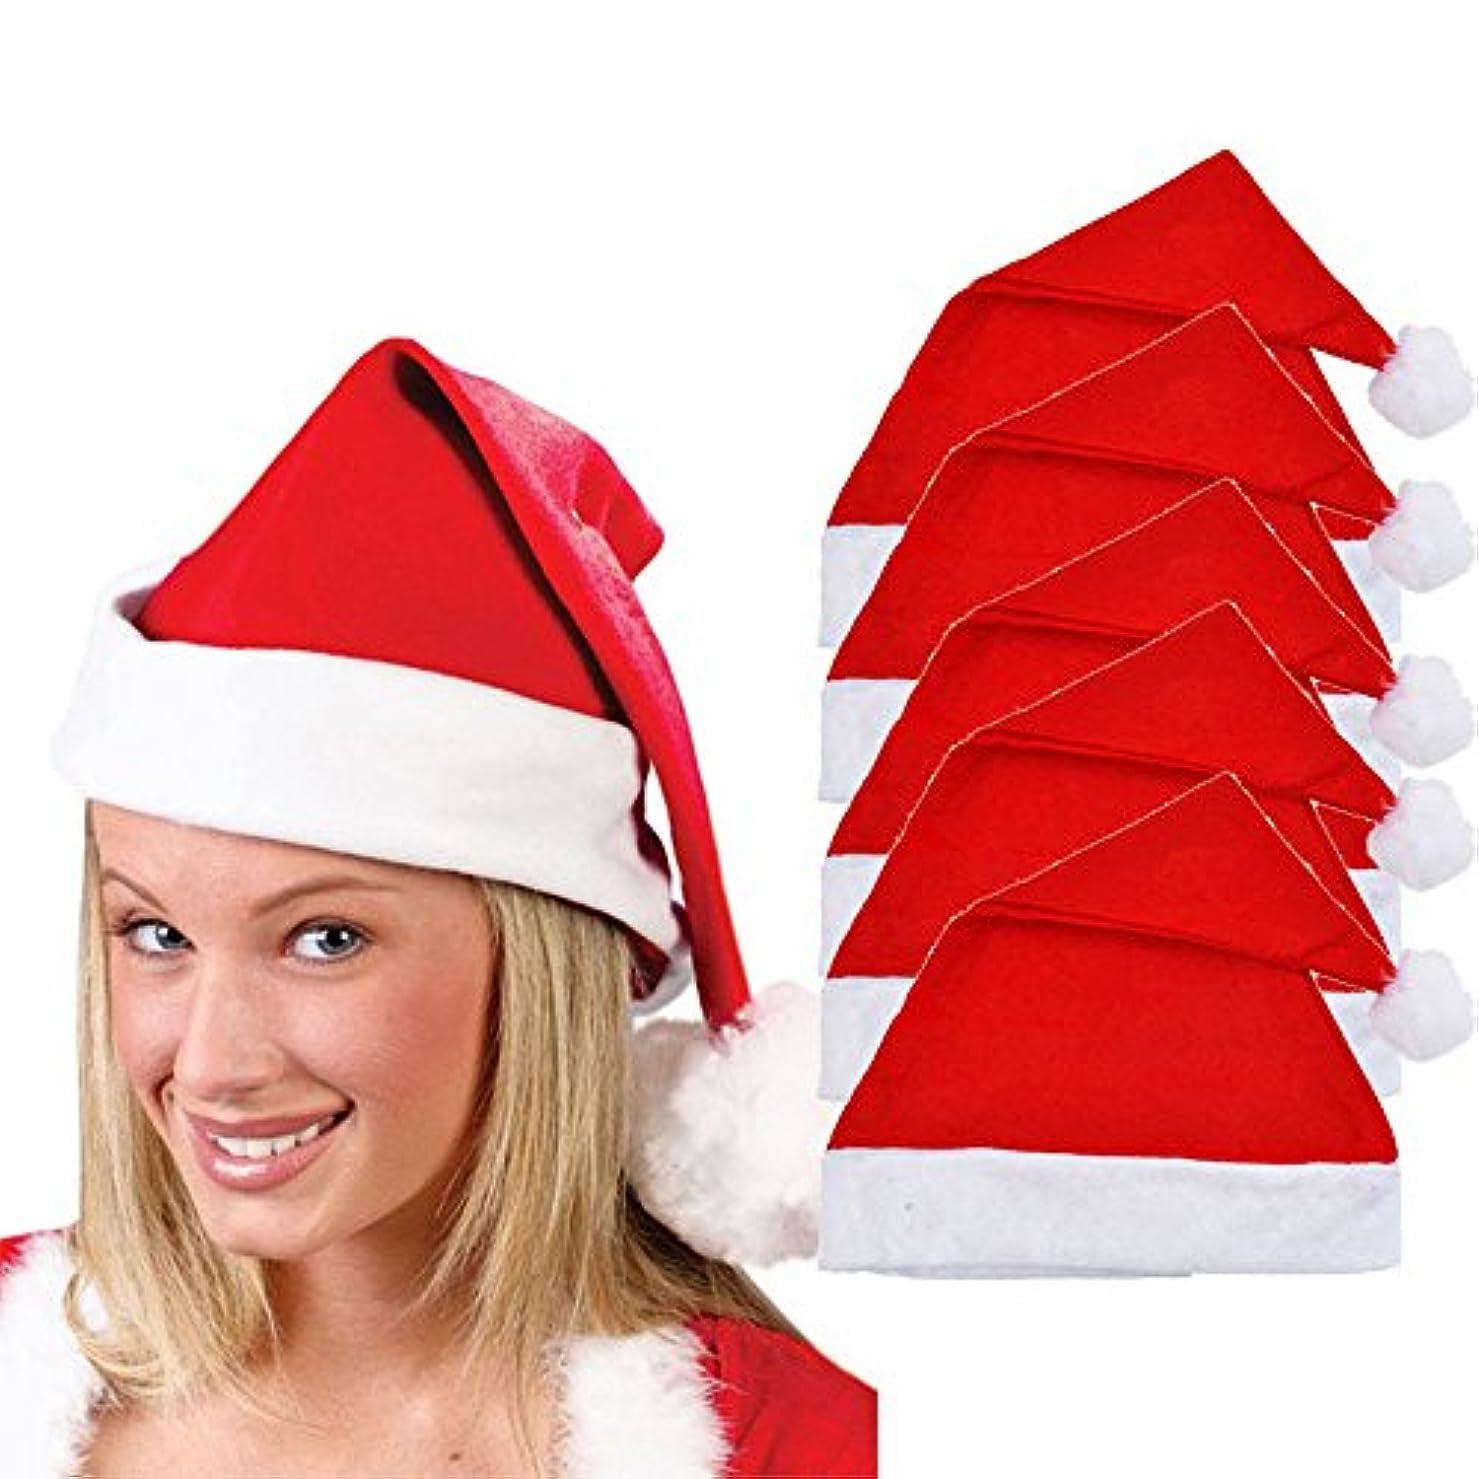 繰り返した正確さピカソRacazing クリスマスハット 5つの レッド Hat ライト ドームキャップ 防寒対策 通気性のある 防風 ニット帽 暖かい 軽量 屋外 スキー 自転車 クリスマス 男女兼用 Christmas Cap